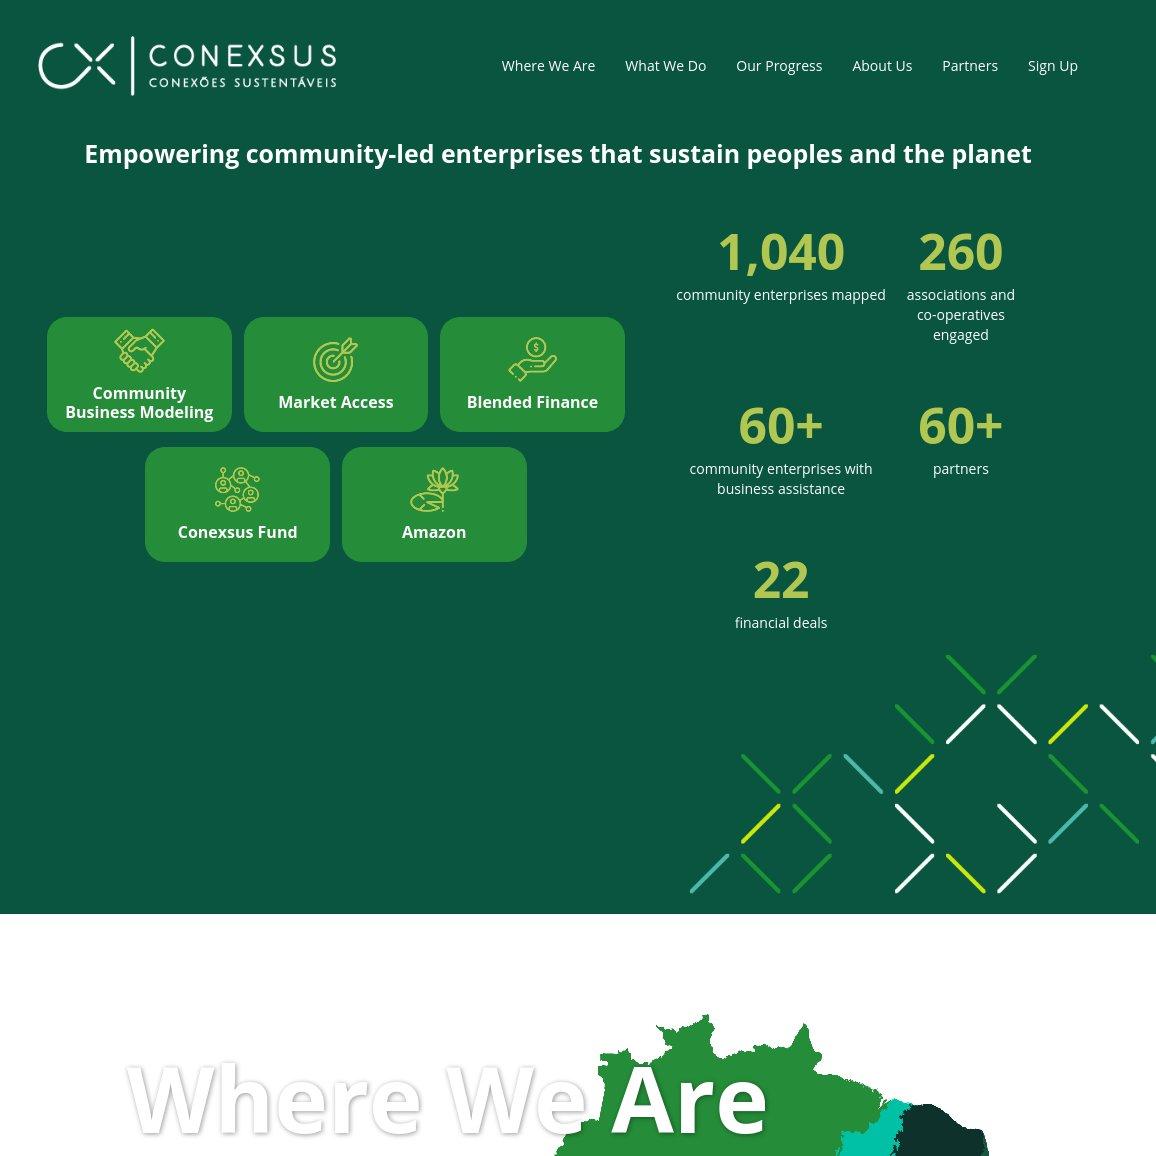 imagem da capa do site da Conexsus